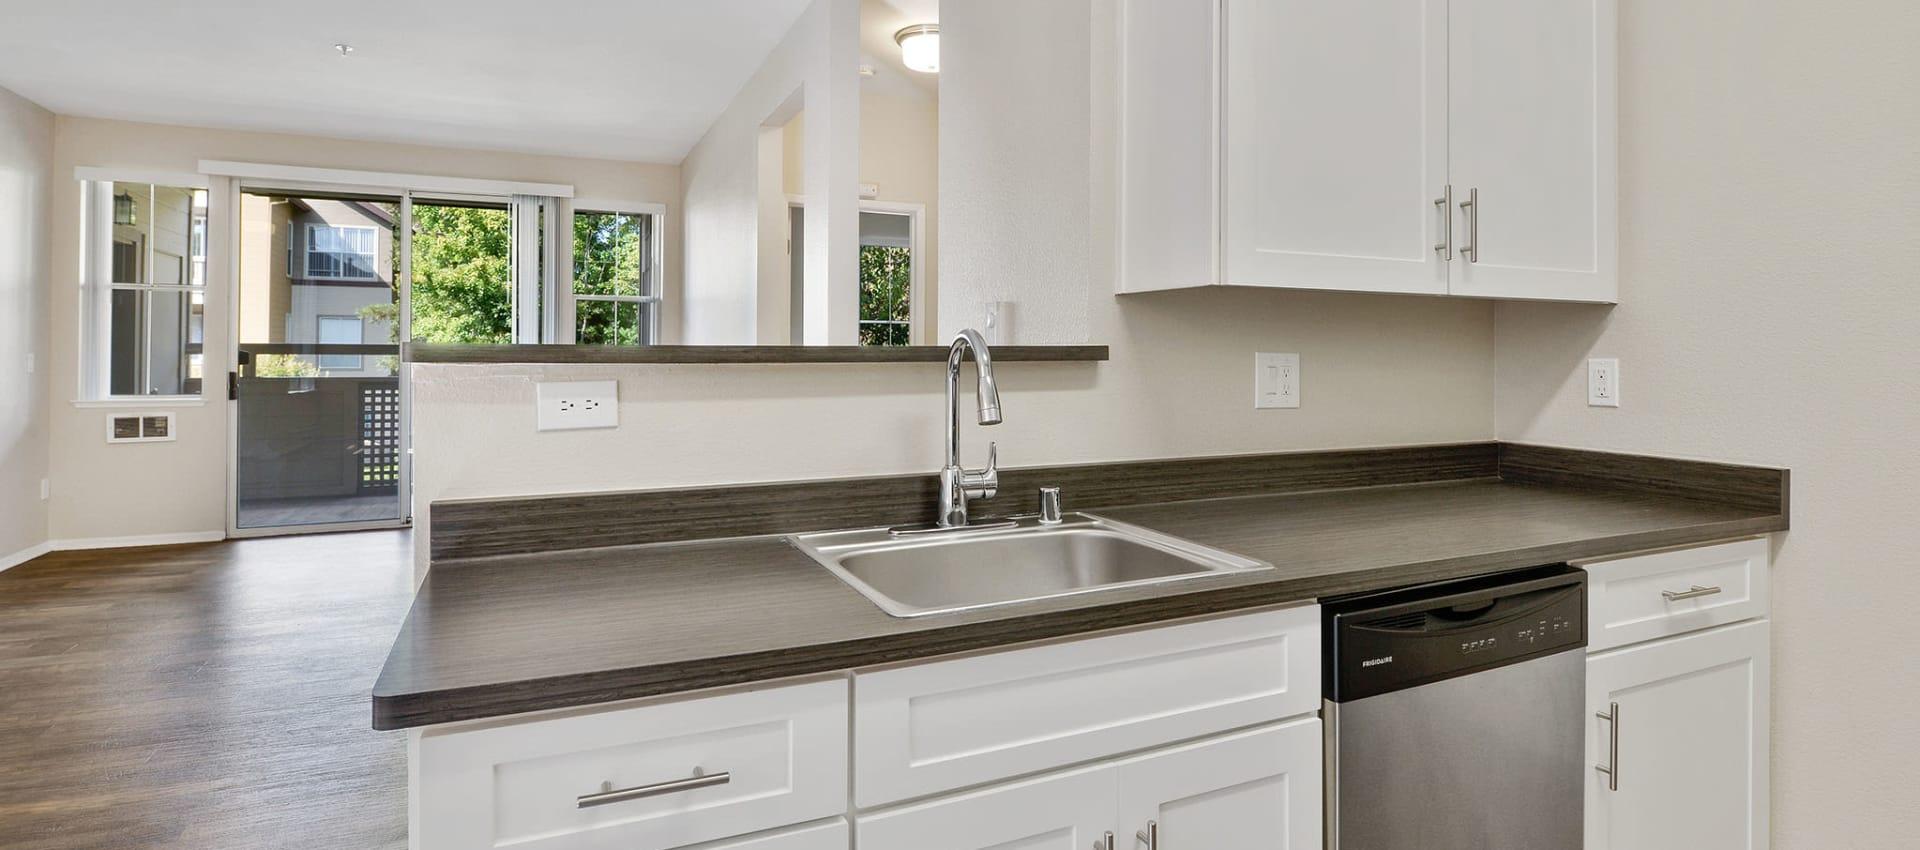 Upgraded Kitchen at Rosewalk at San Jose